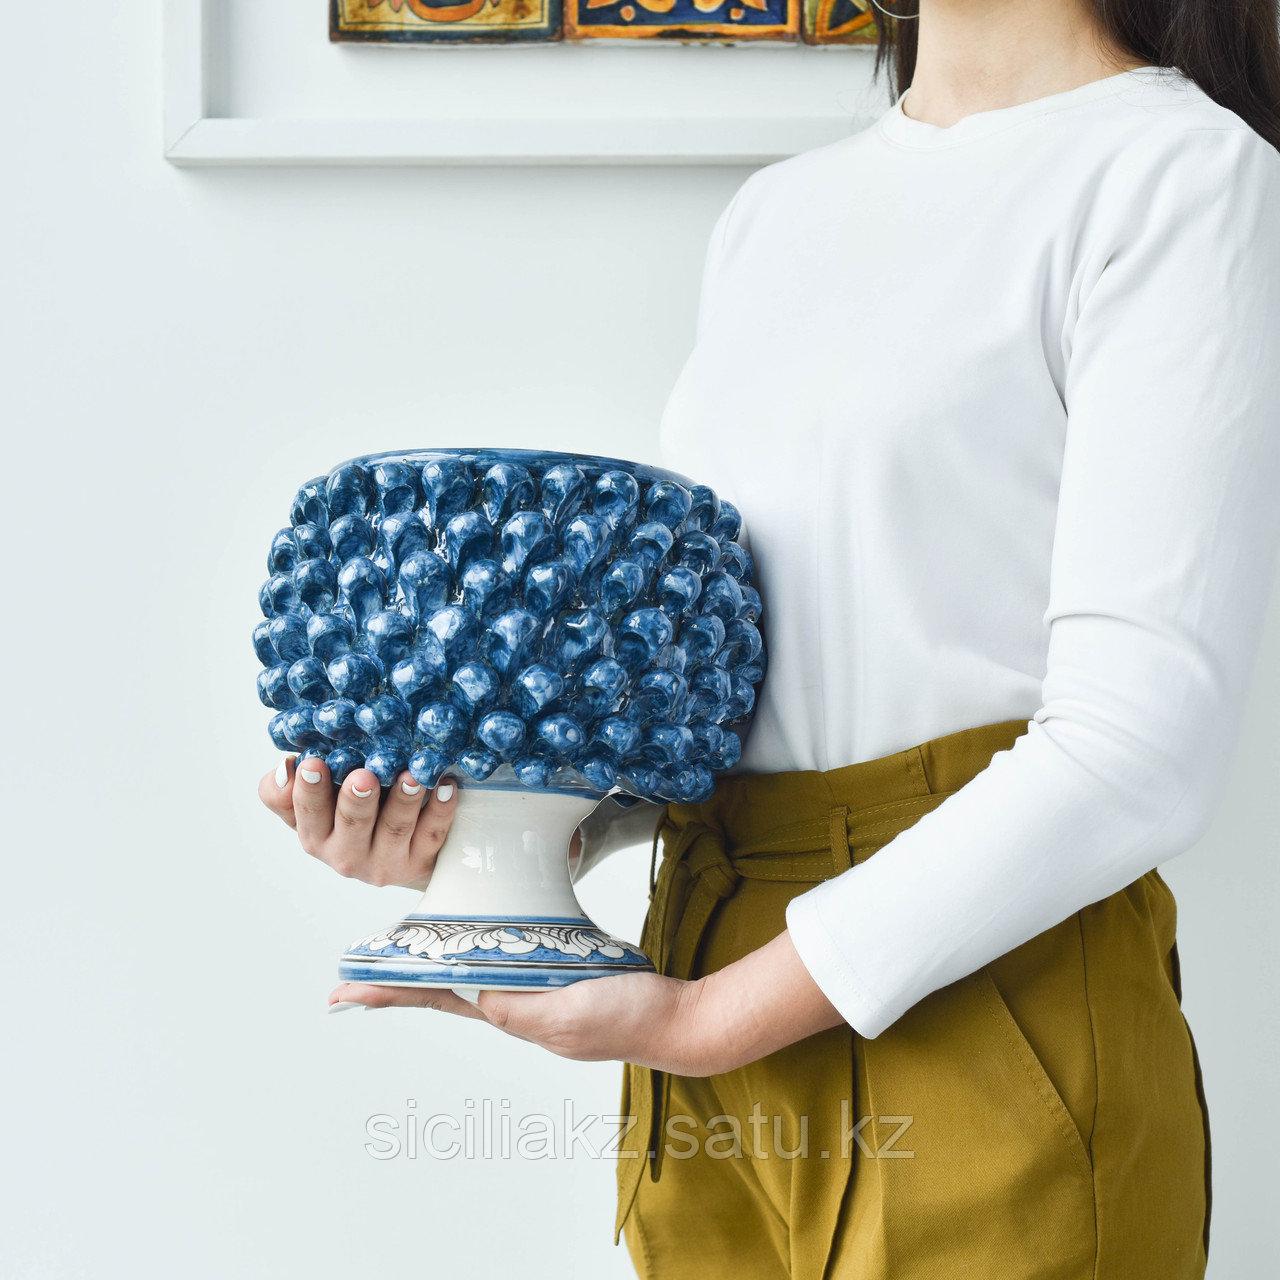 Декоративная Ваза Пигна ручной работы, керамика. Италия - фото 5